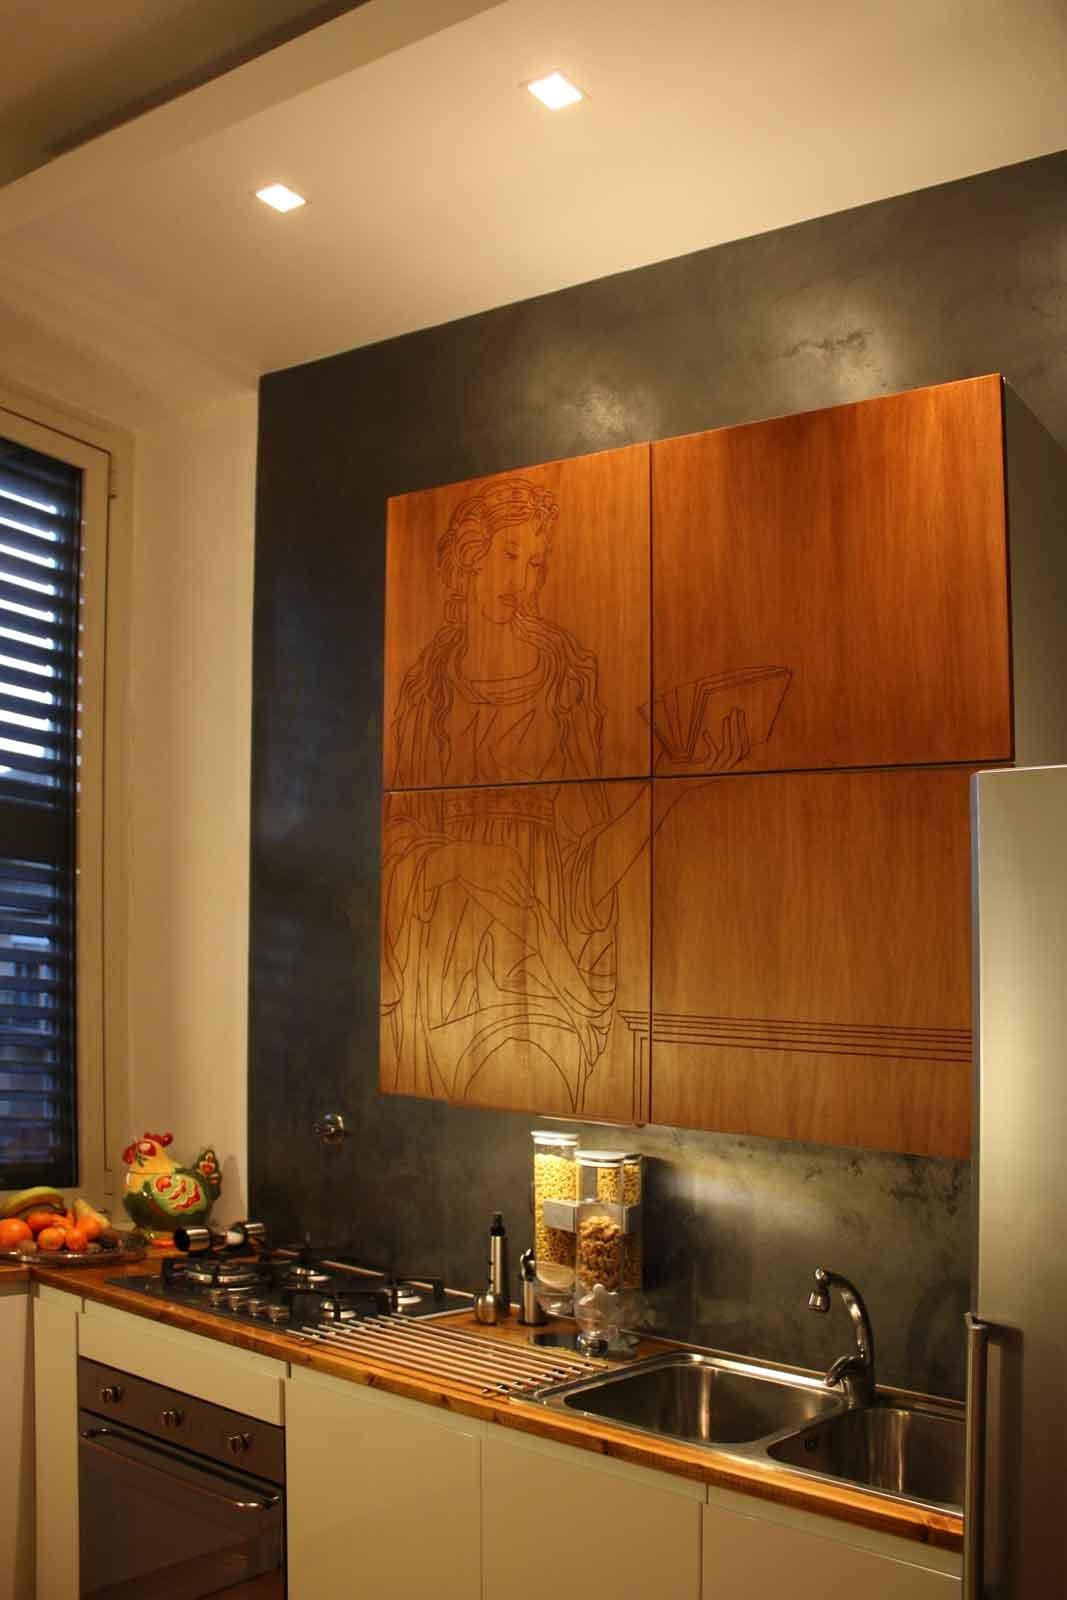 Rinnovare la cucina decorando le ante con incisione cose - Rinnovare ante cucina ...